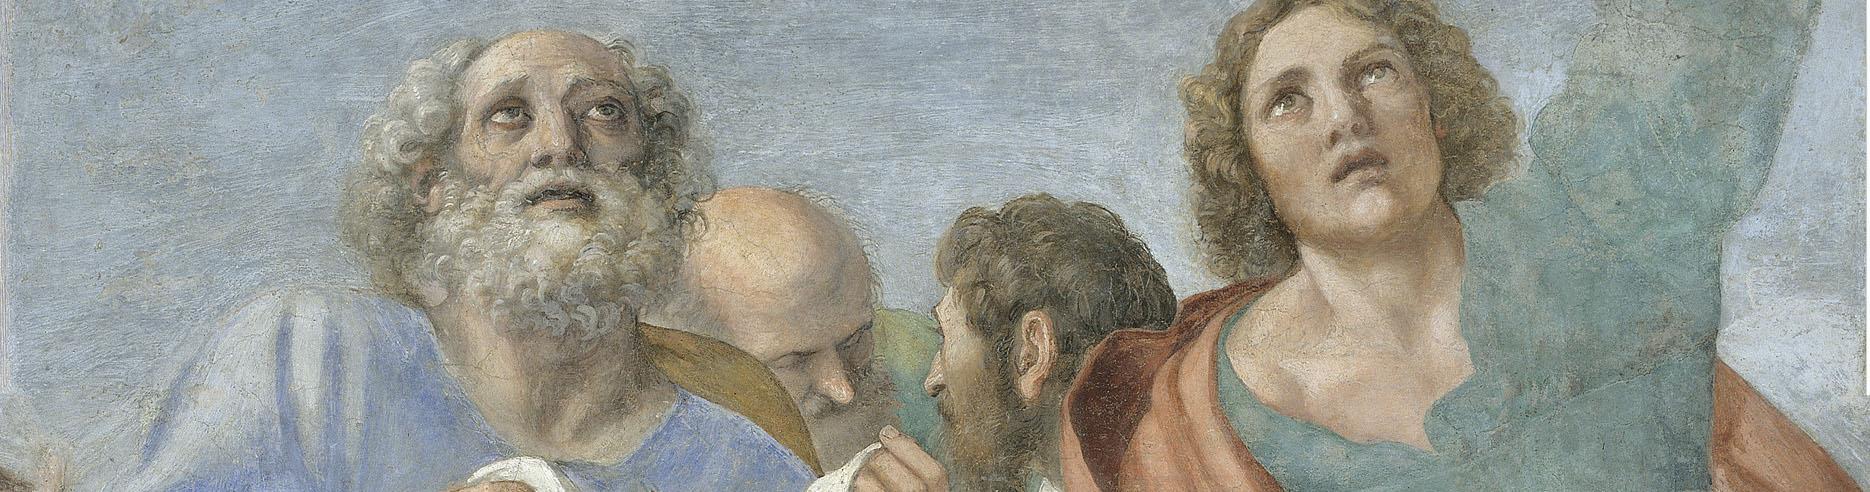 Annibale Carracci, Apóstoles alrededor del Sepulcro vacío, finales de 1604 – inicios de 1605